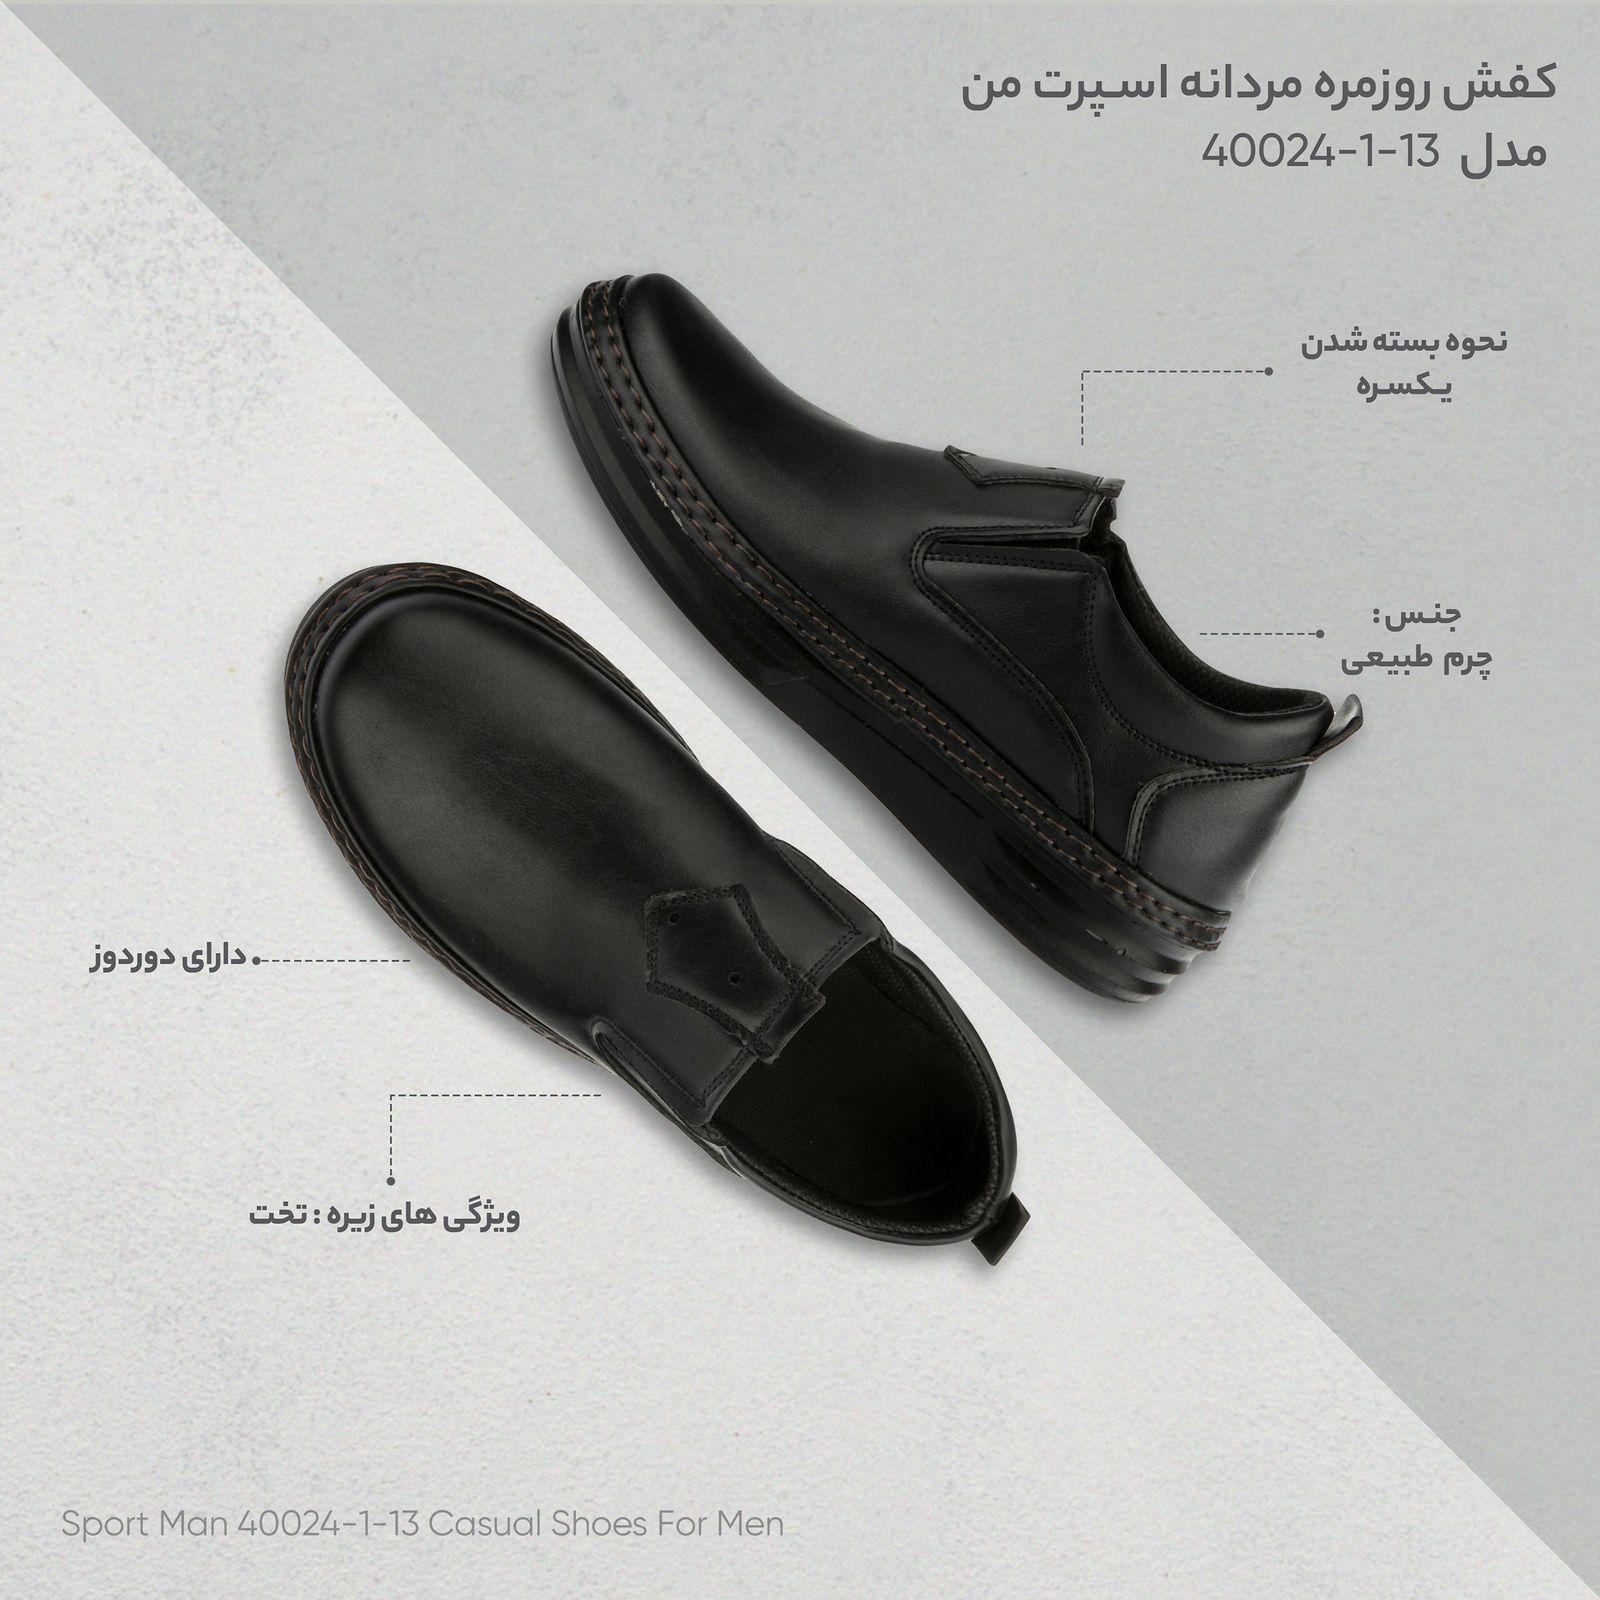 کفش روزمره مردانه اسپرت من مدل 40024-1-13  -  - 5